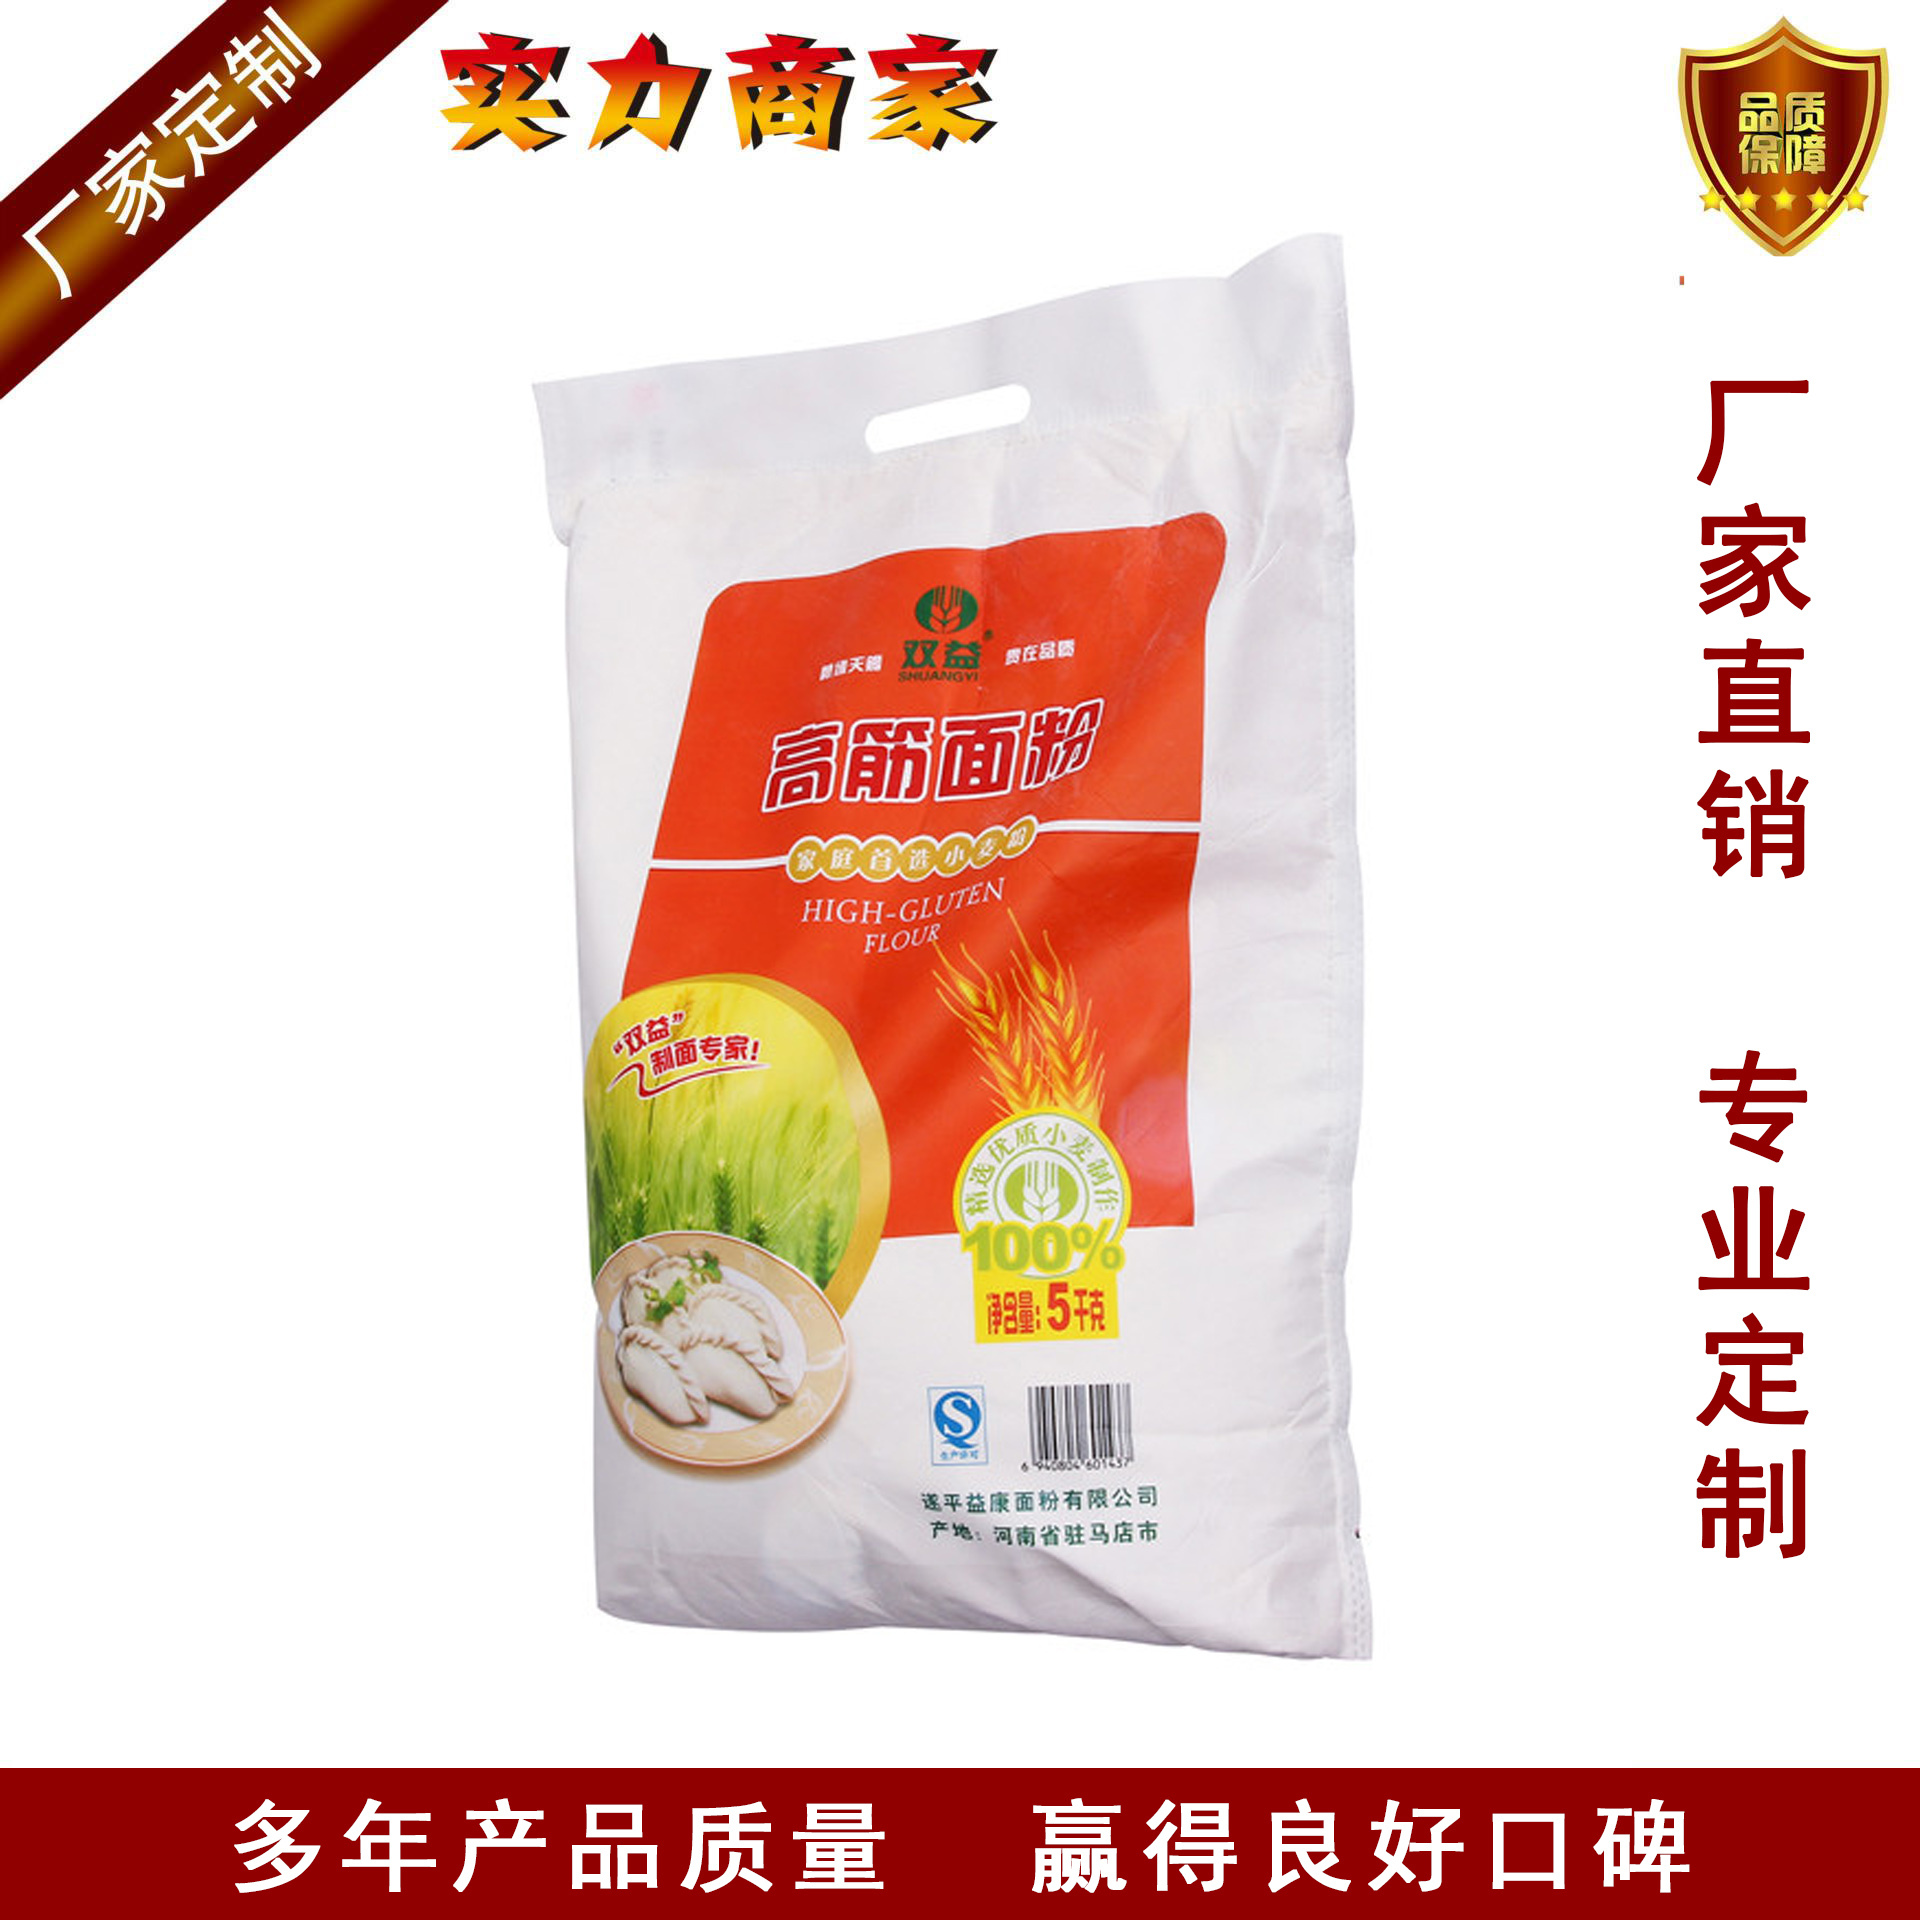 定制生產面粉袋廠 批發面粉包裝袋  面袋生產廠家報價